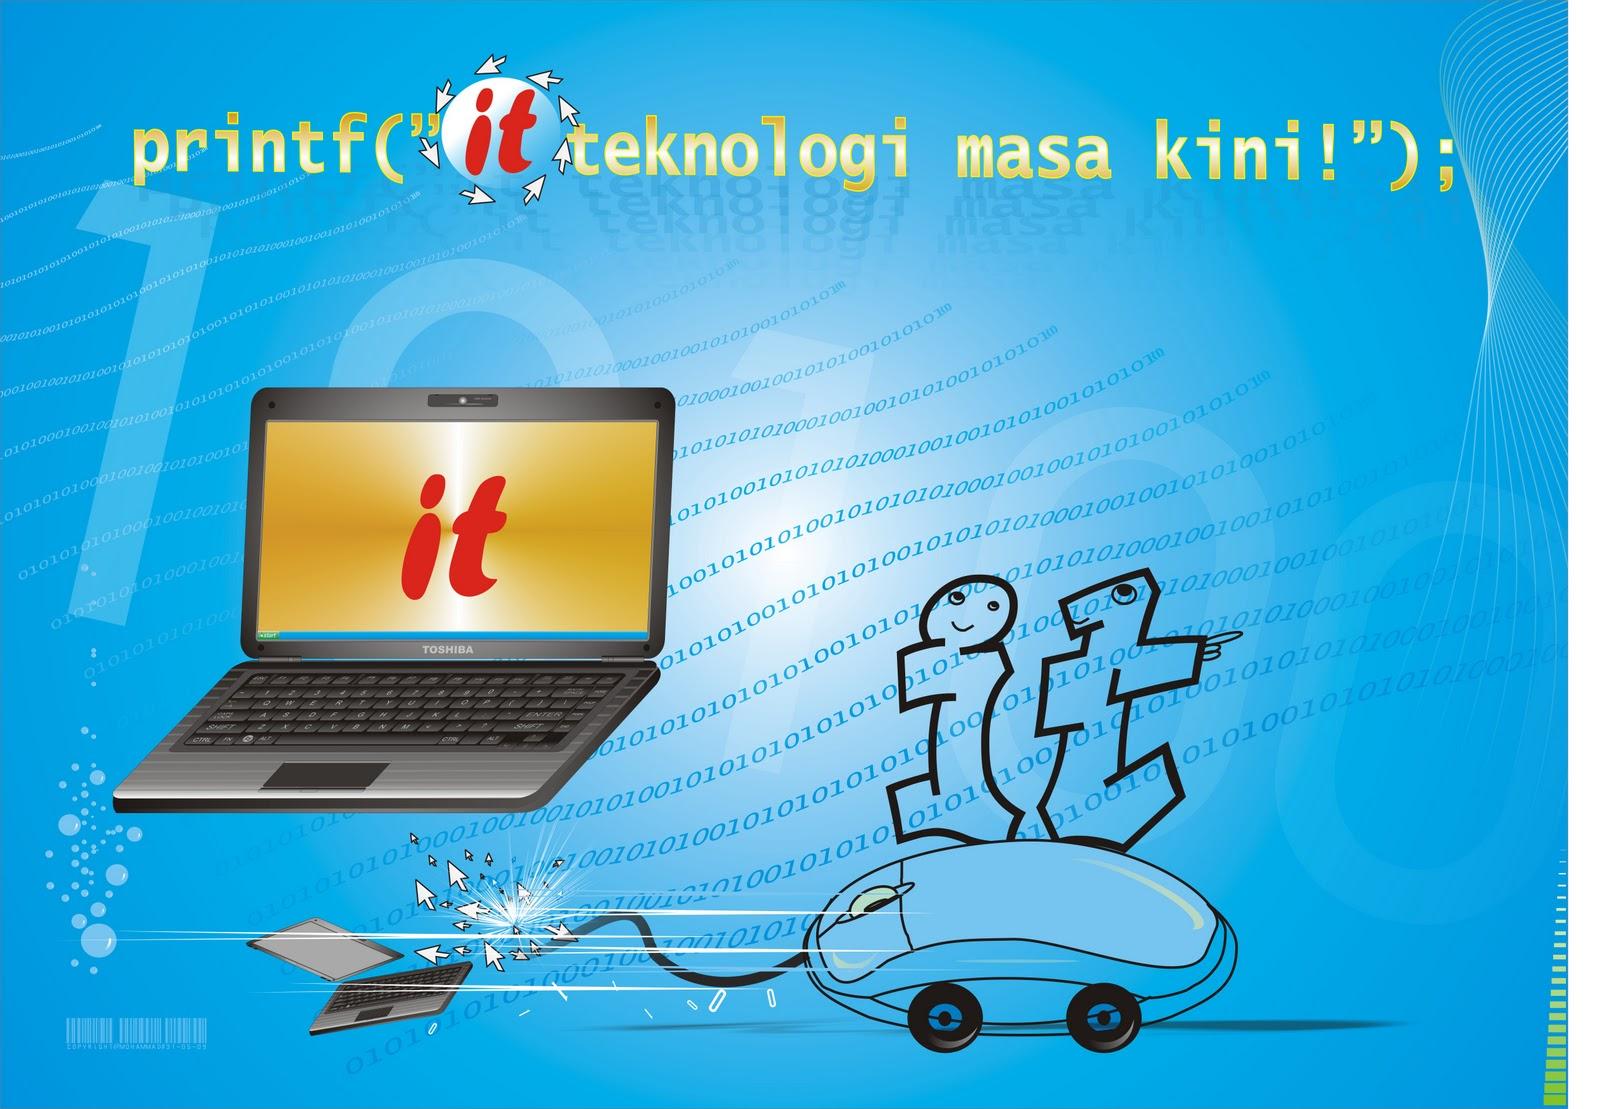 Desain Poster dengan tema Teknologi Informasi